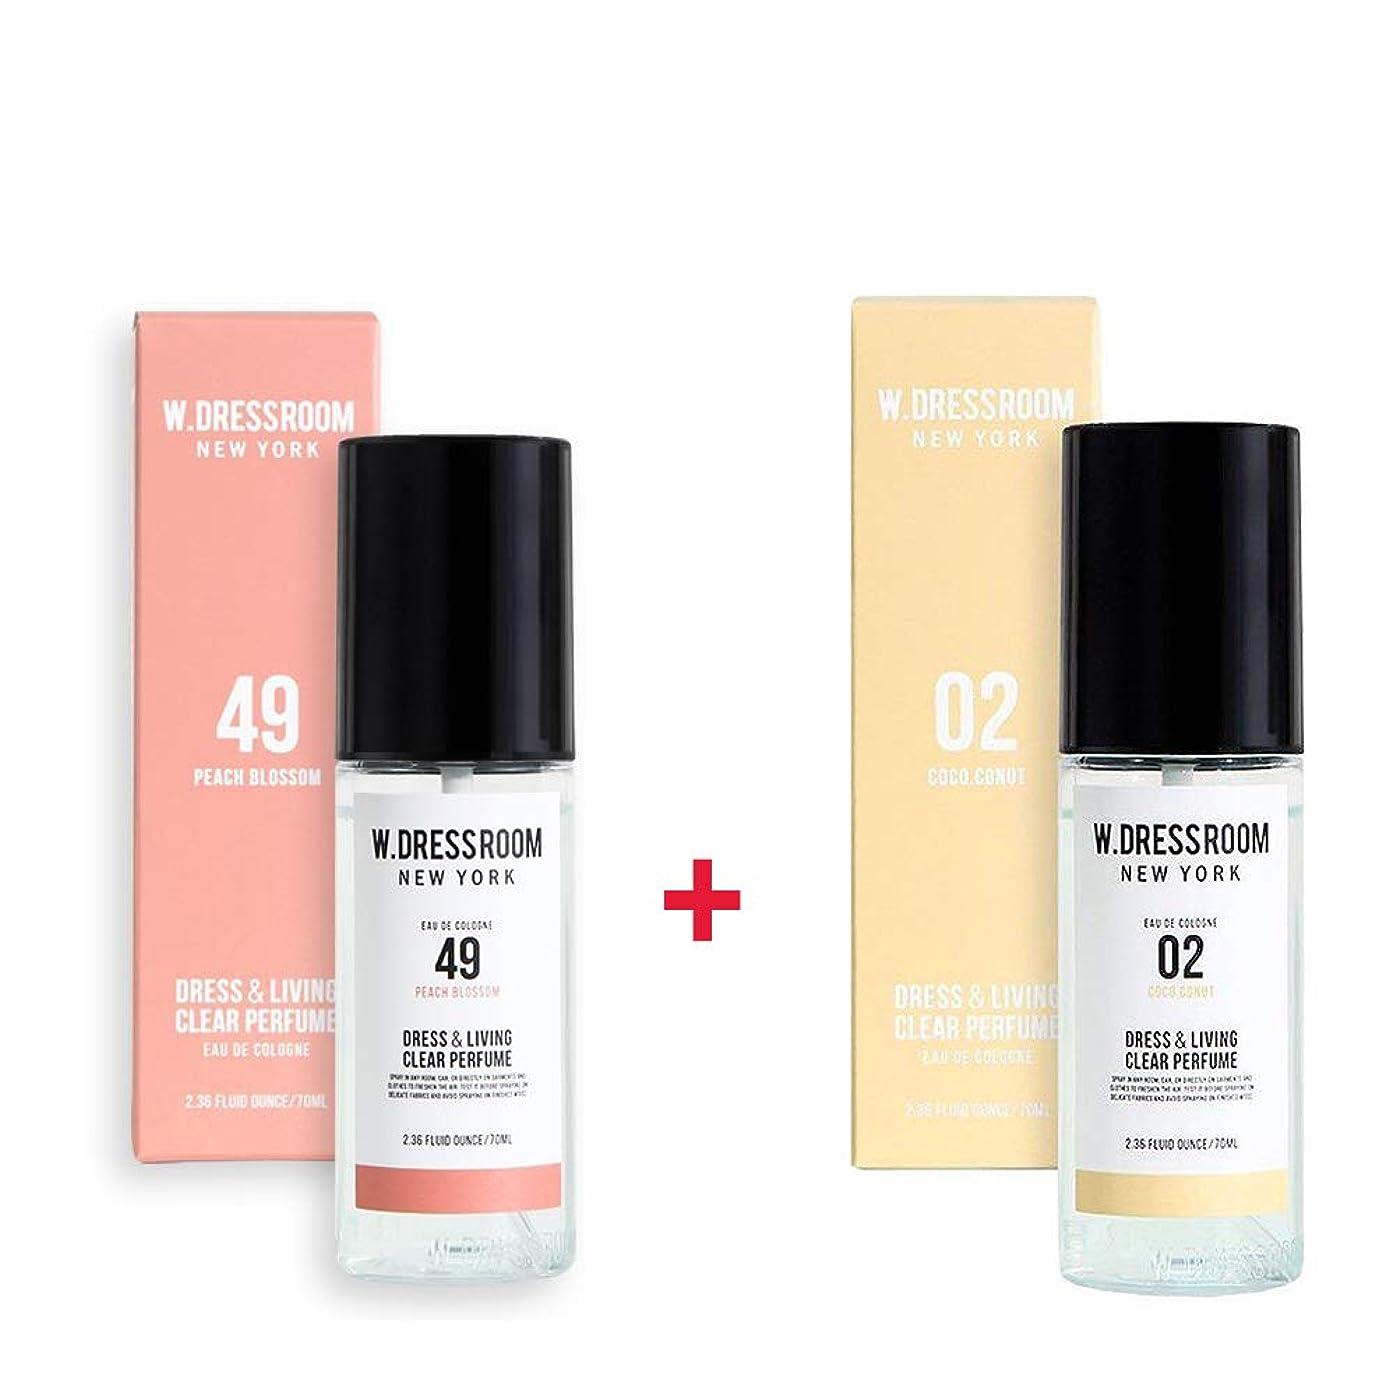 クルー作動するのためW.DRESSROOM Dress & Living Clear Perfume 70ml (No 49 Peach Blossom)+(No .02 Coco Conut)